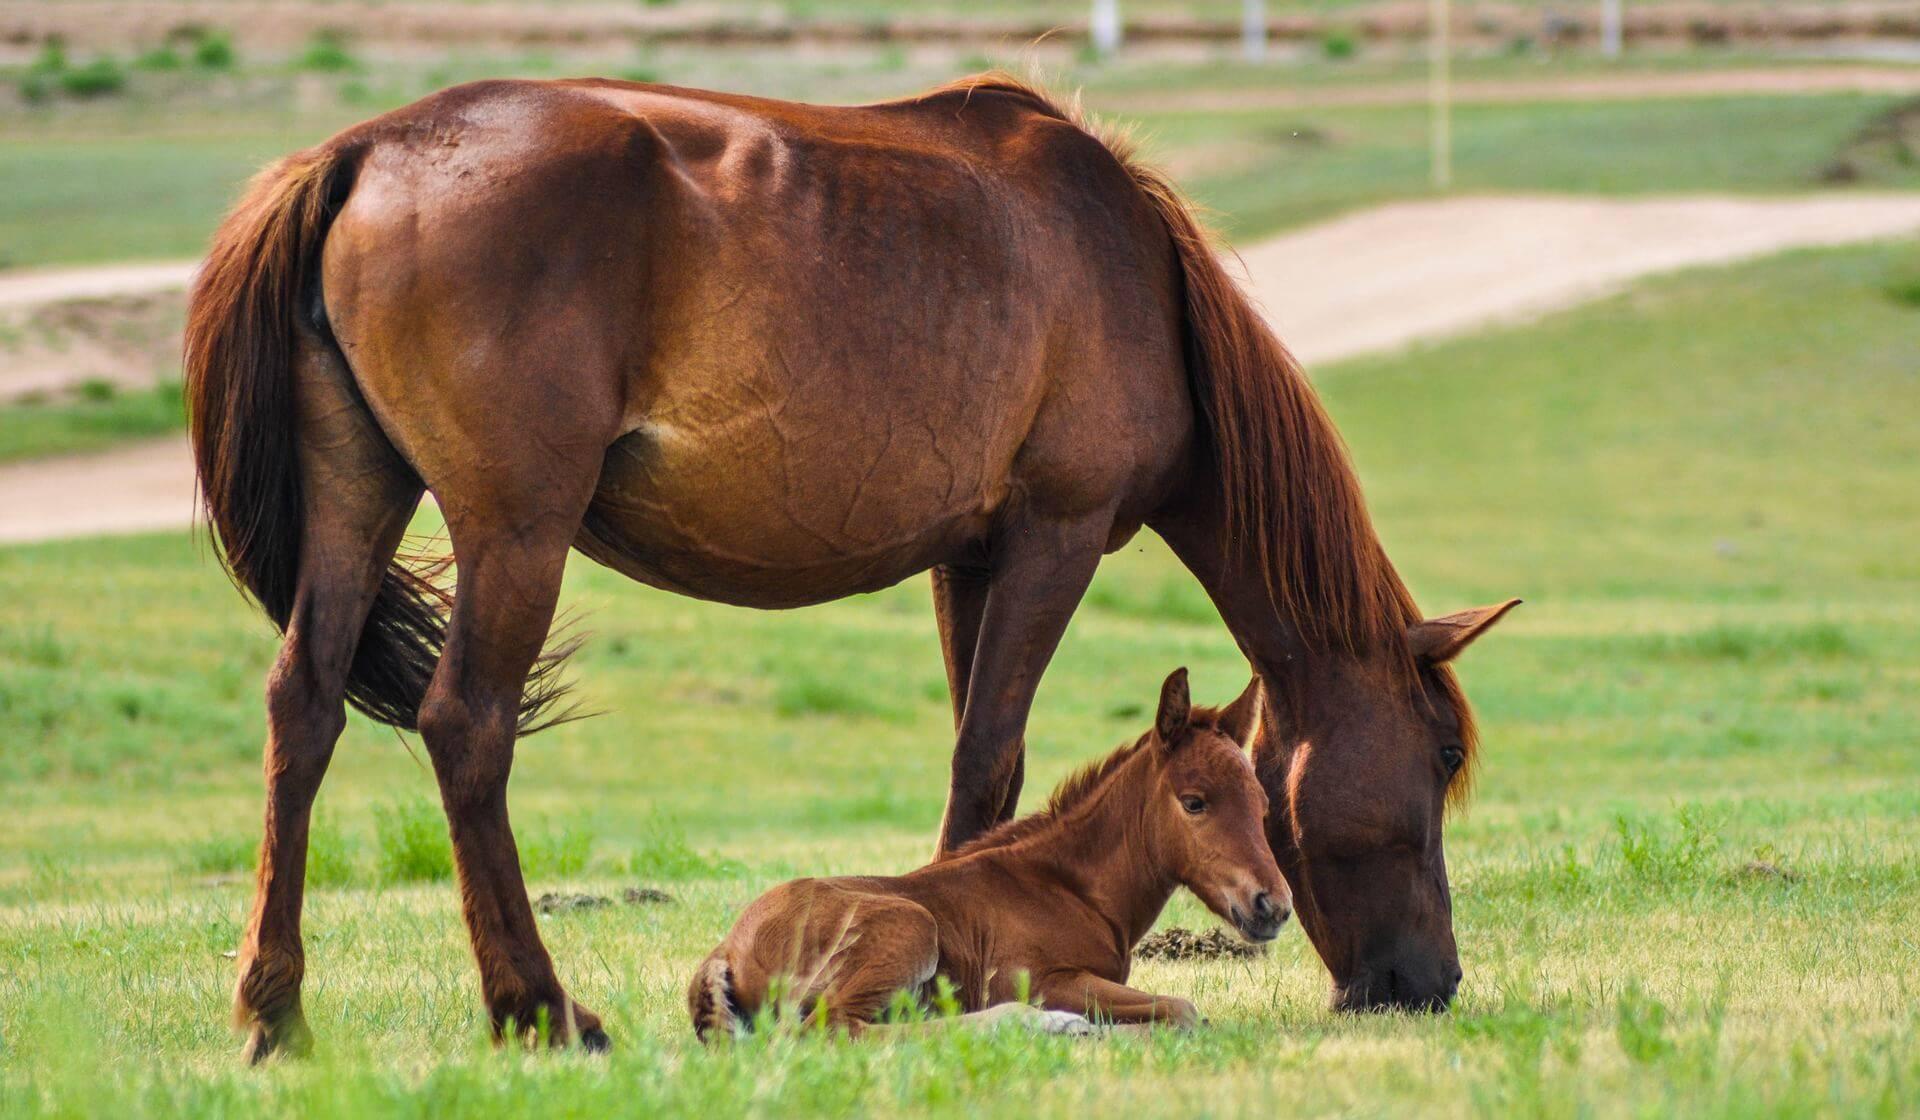 Pferde entwurmen - wann sollte man eine Wurmkur verabreichen?